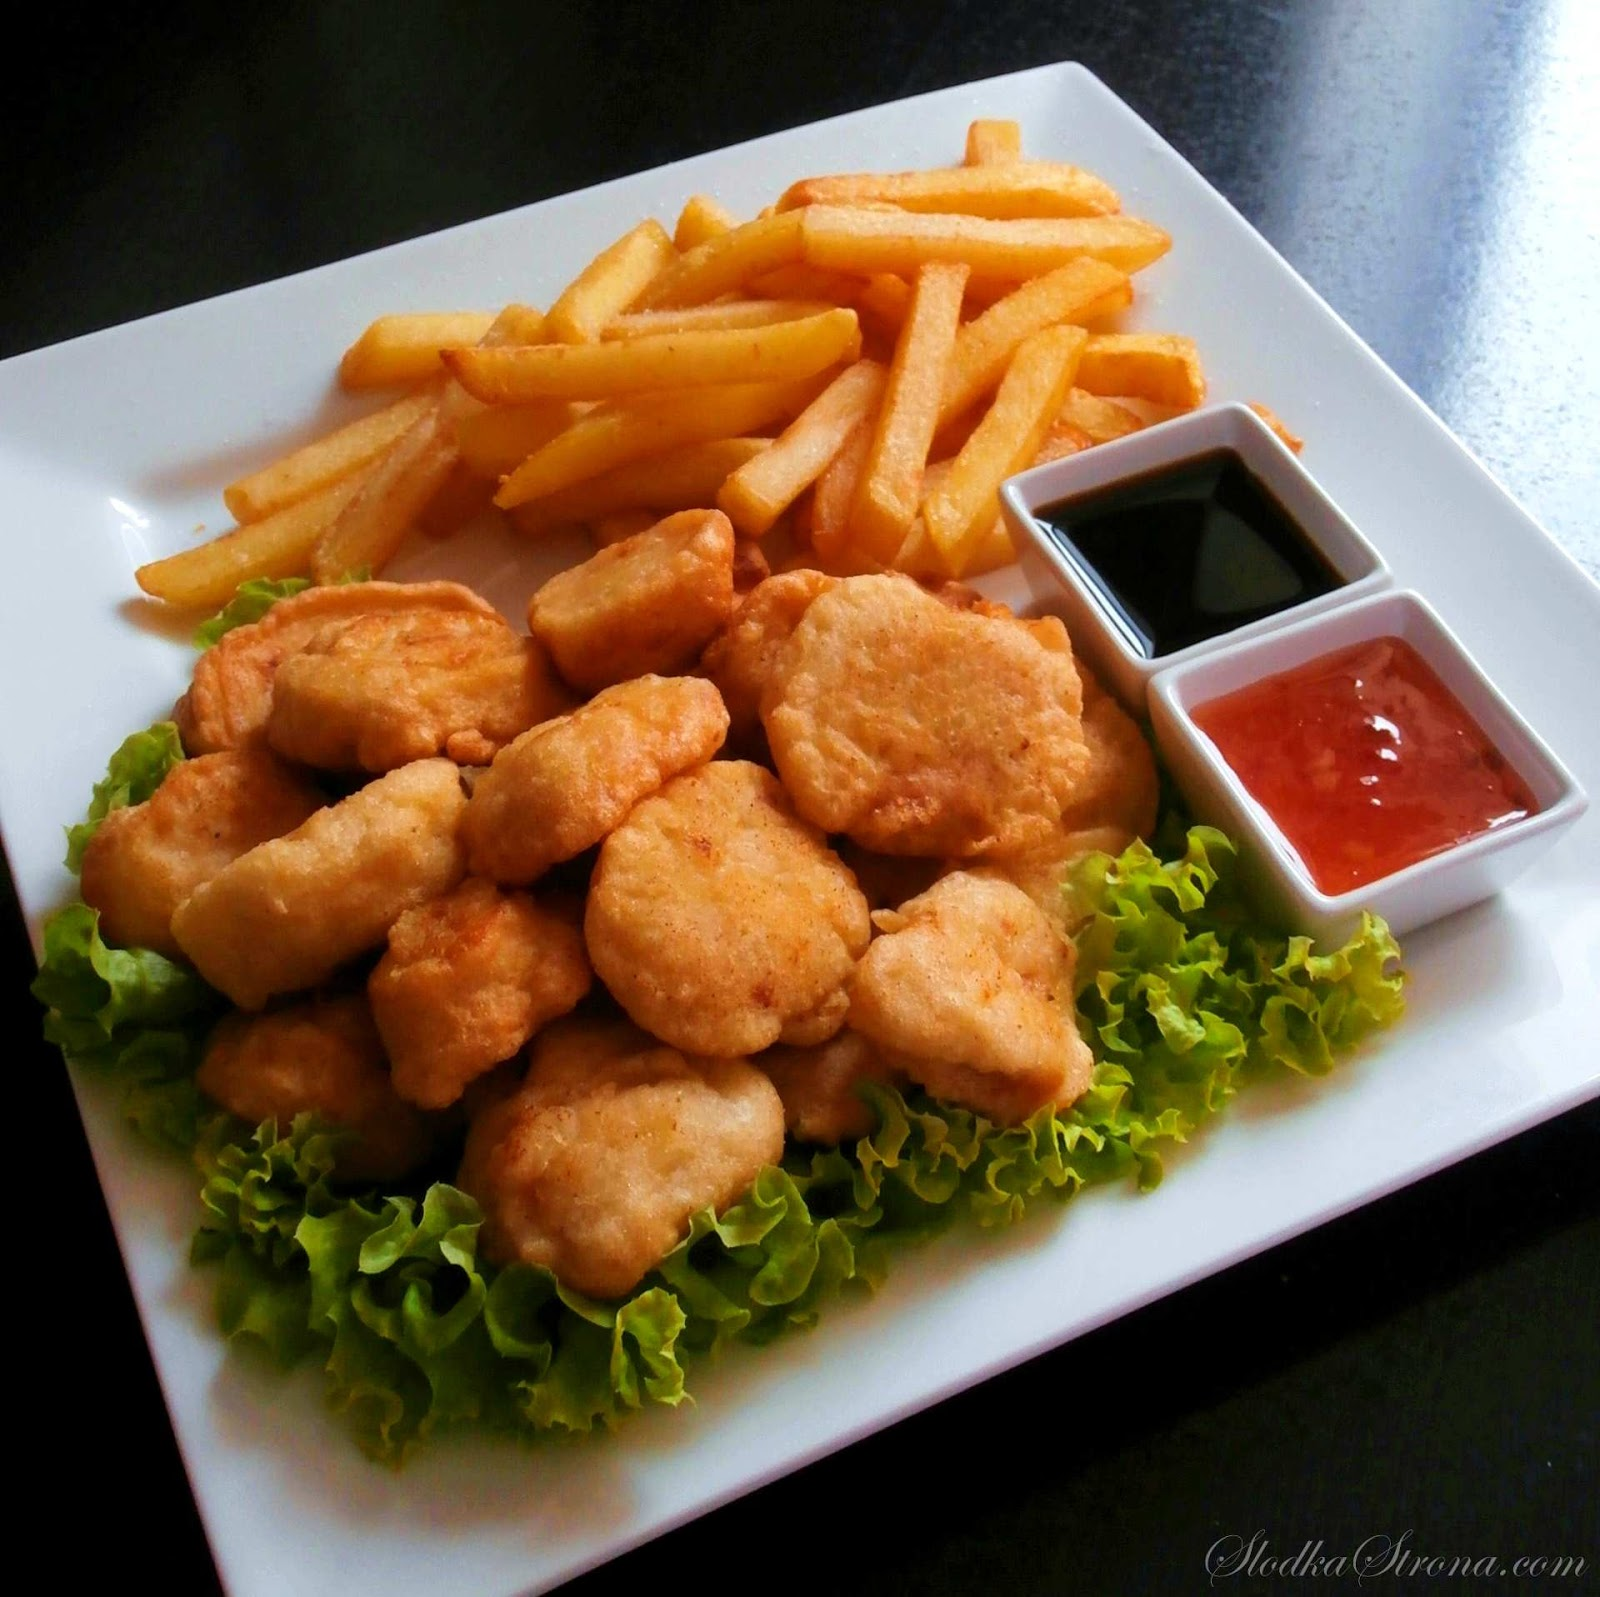 kawalki kurczaka w ciescie z frytkami, sosem sojowym i sosem slodko kwasnym